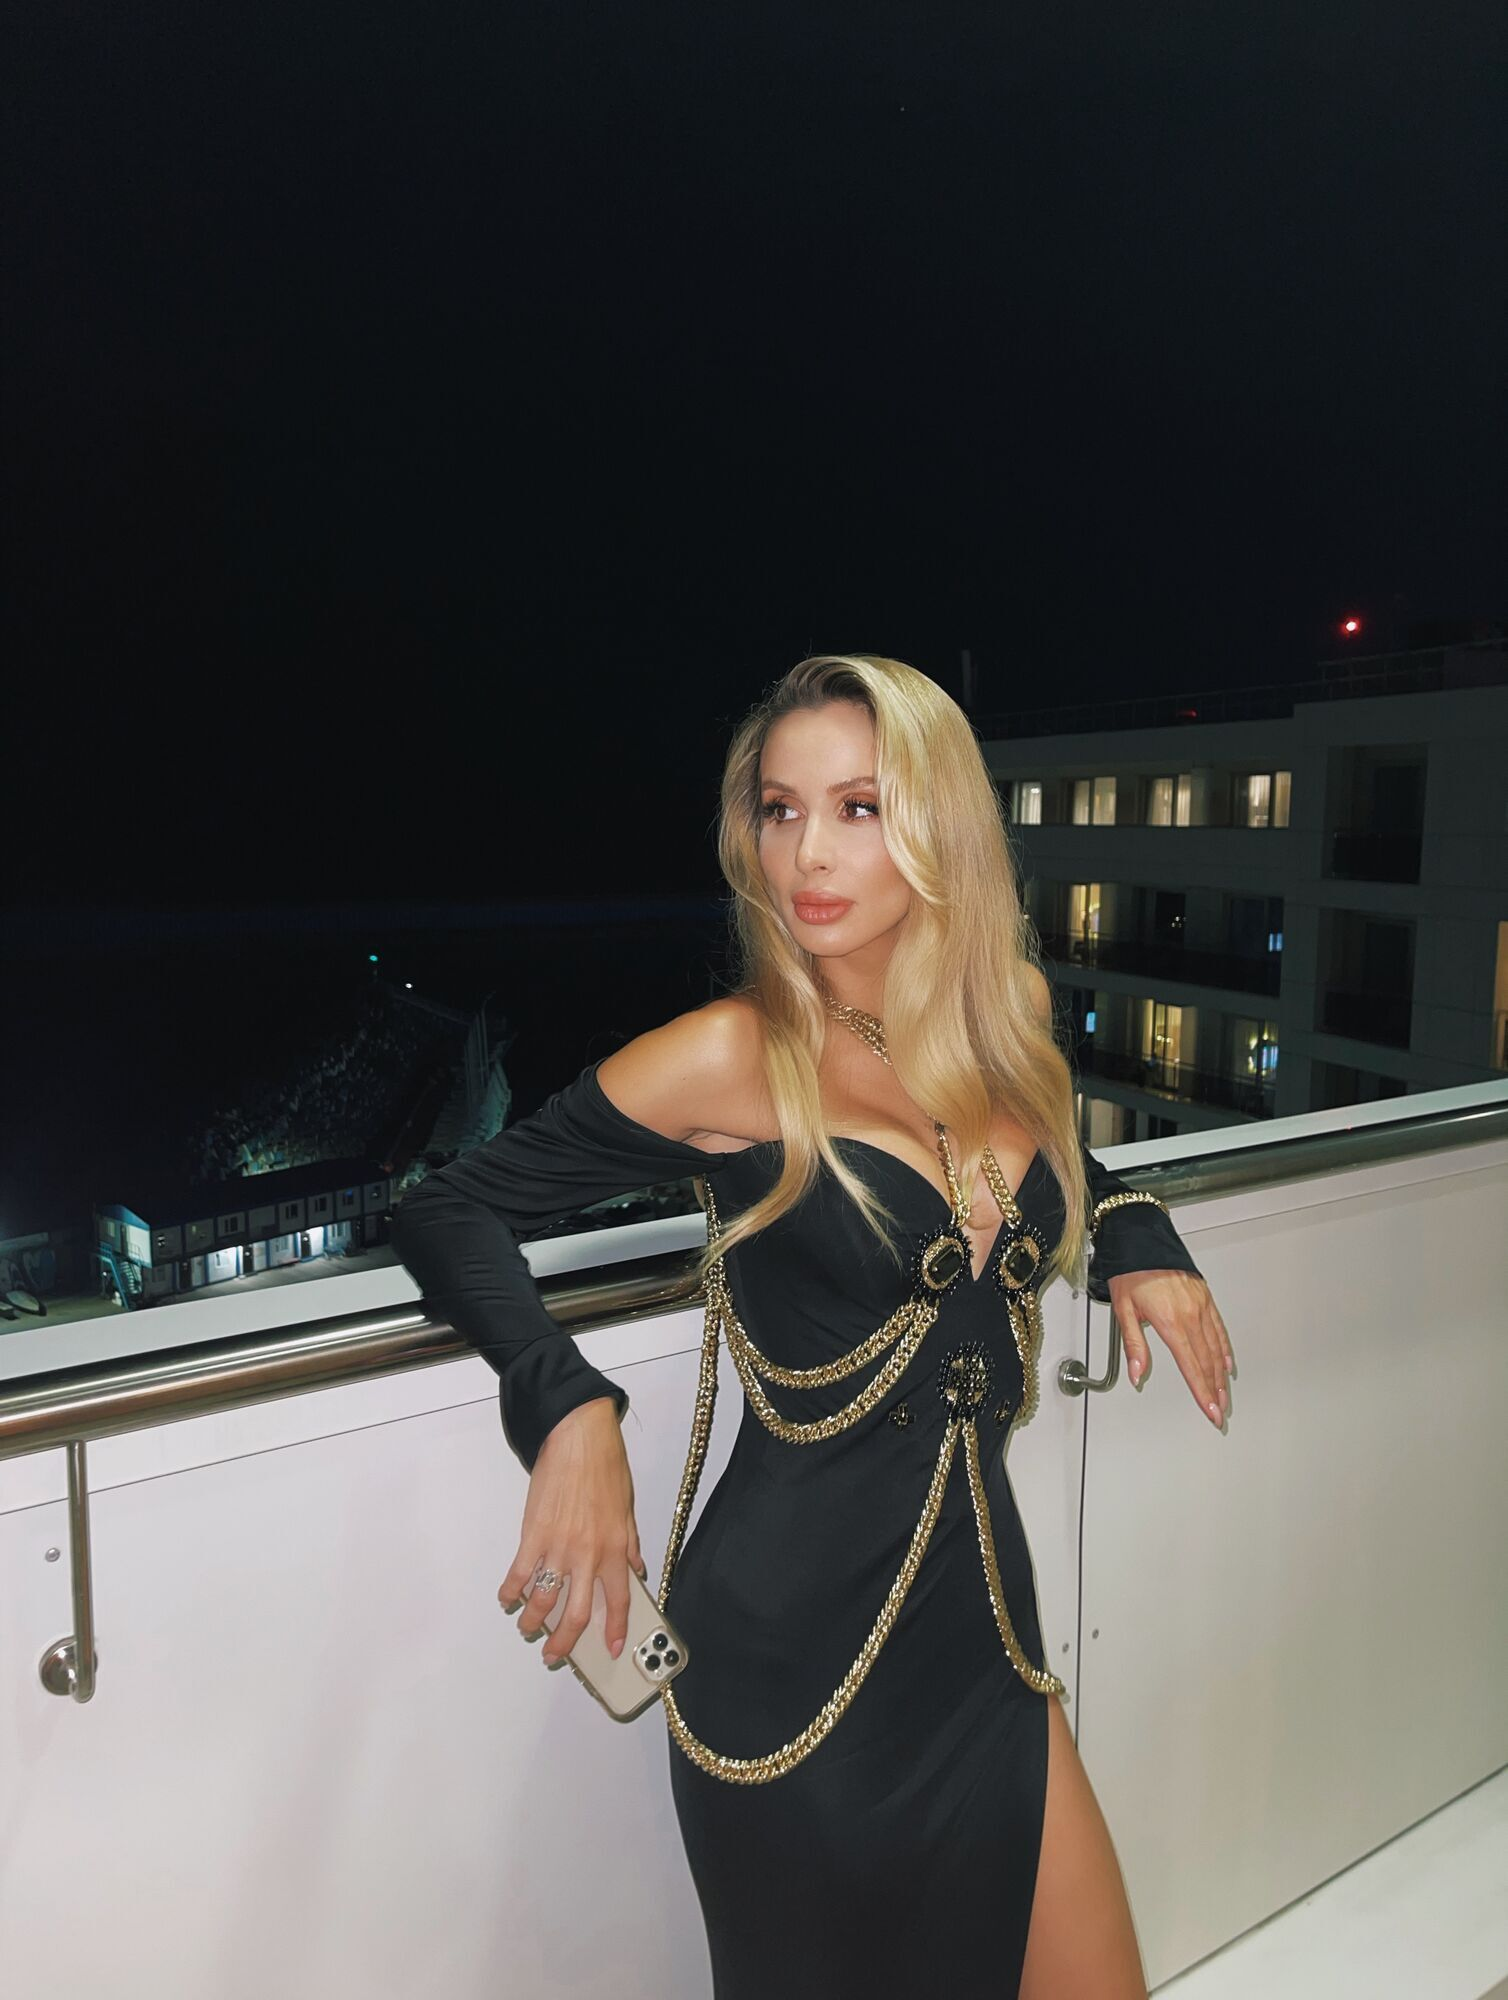 Светлана Лобода в черном облегающем платье.